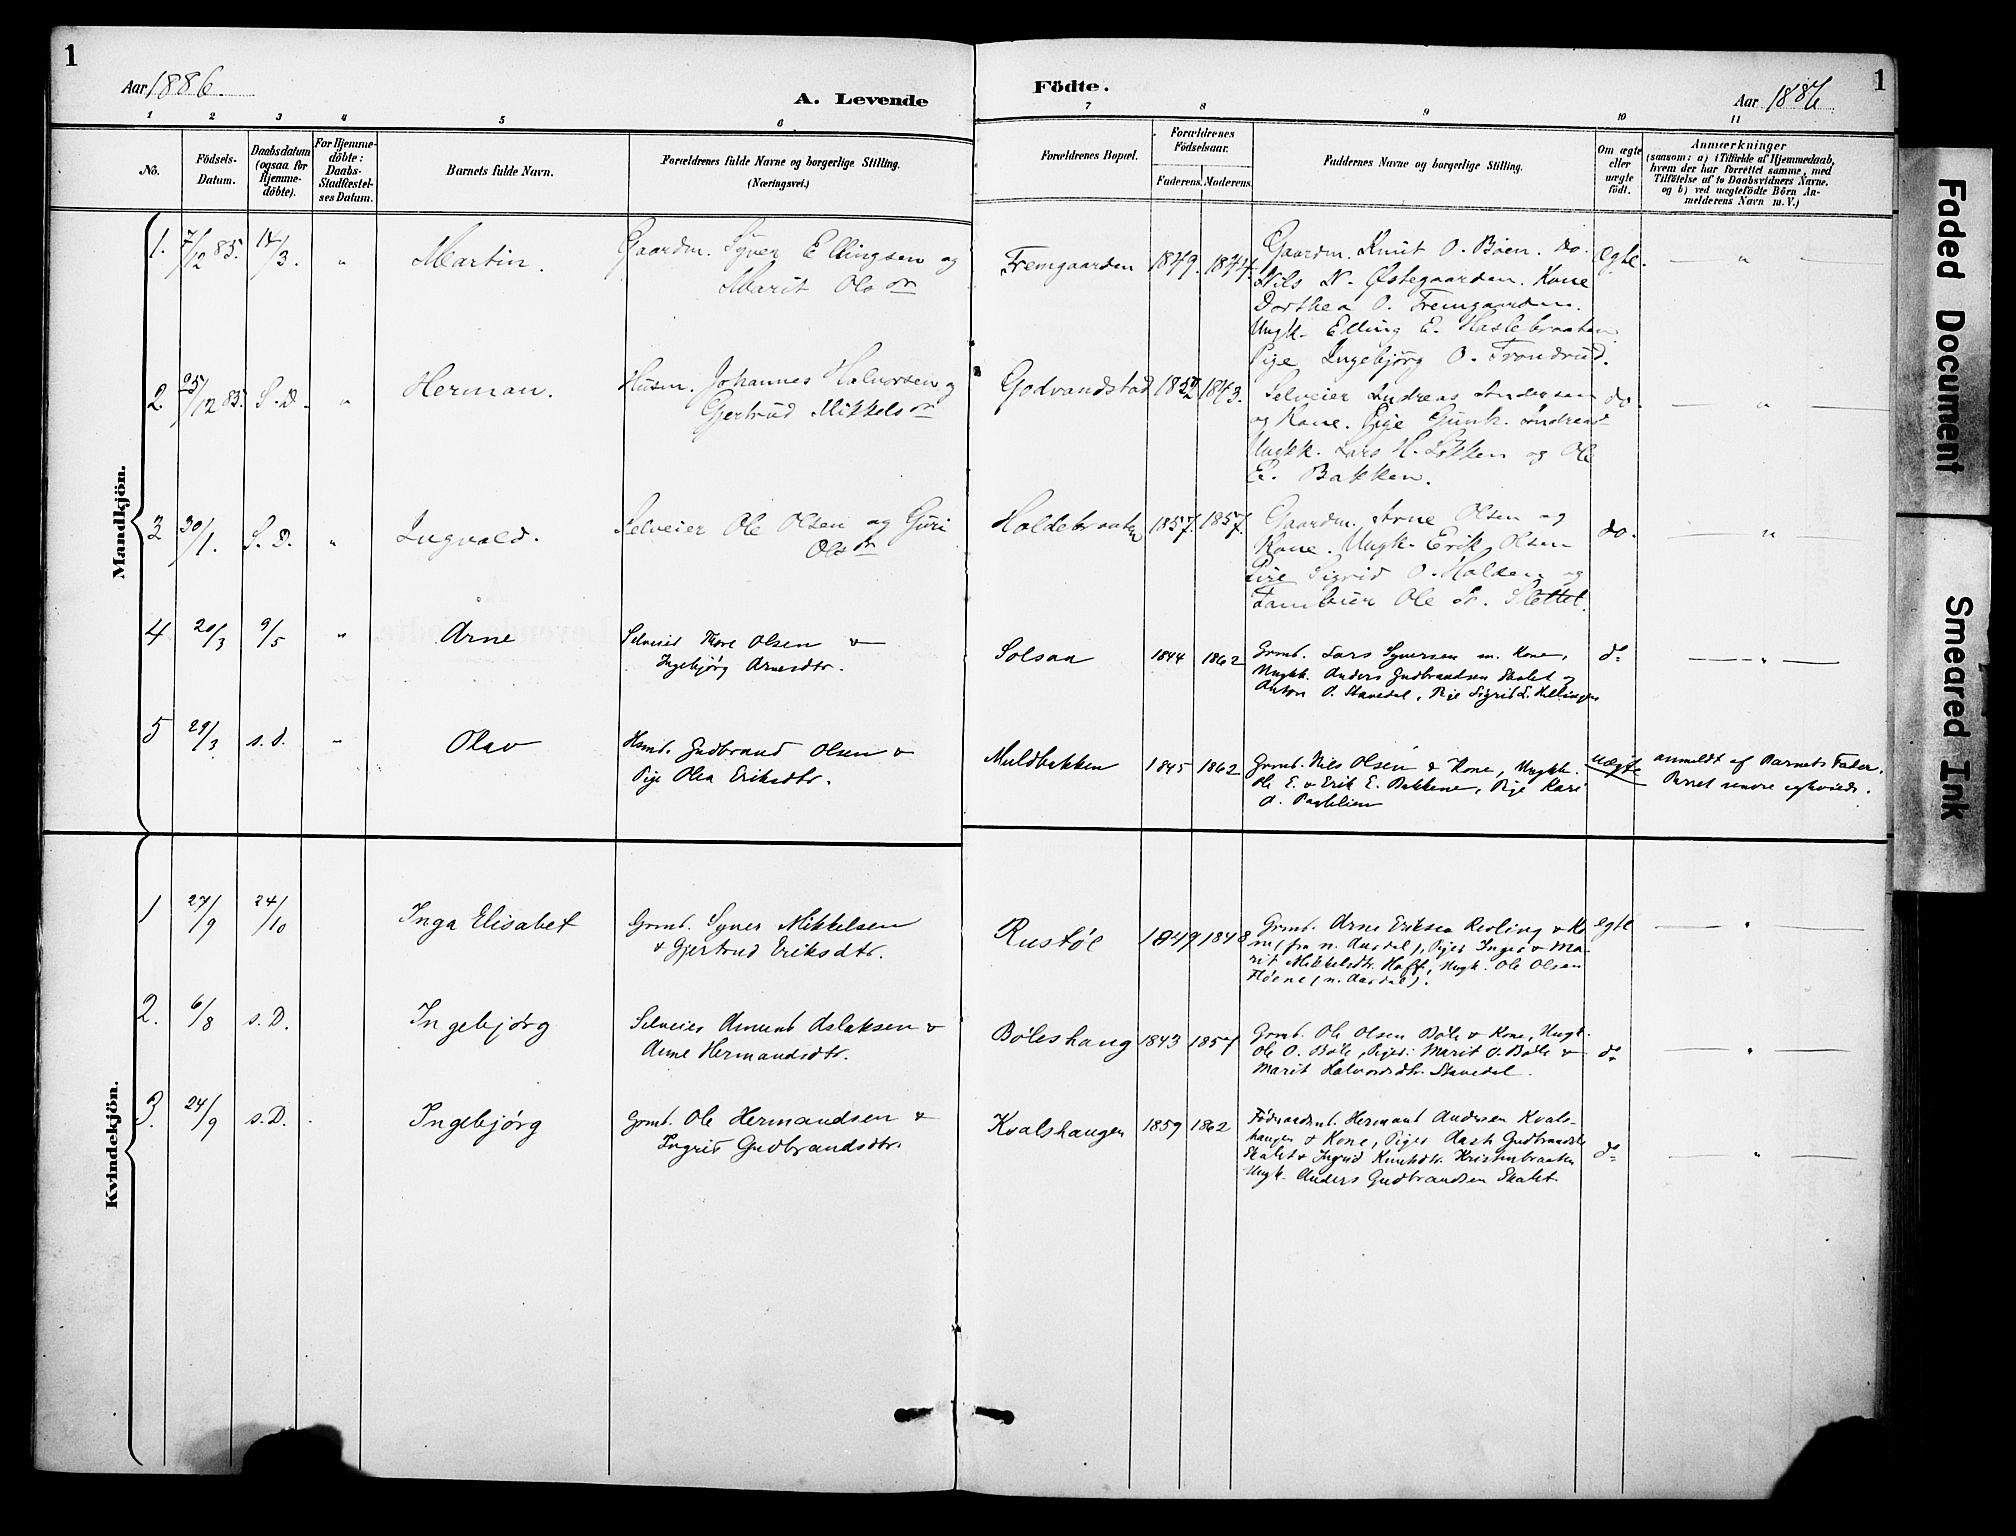 SAH, Sør-Aurdal prestekontor, Ministerialbok nr. 10, 1886-1906, s. 1